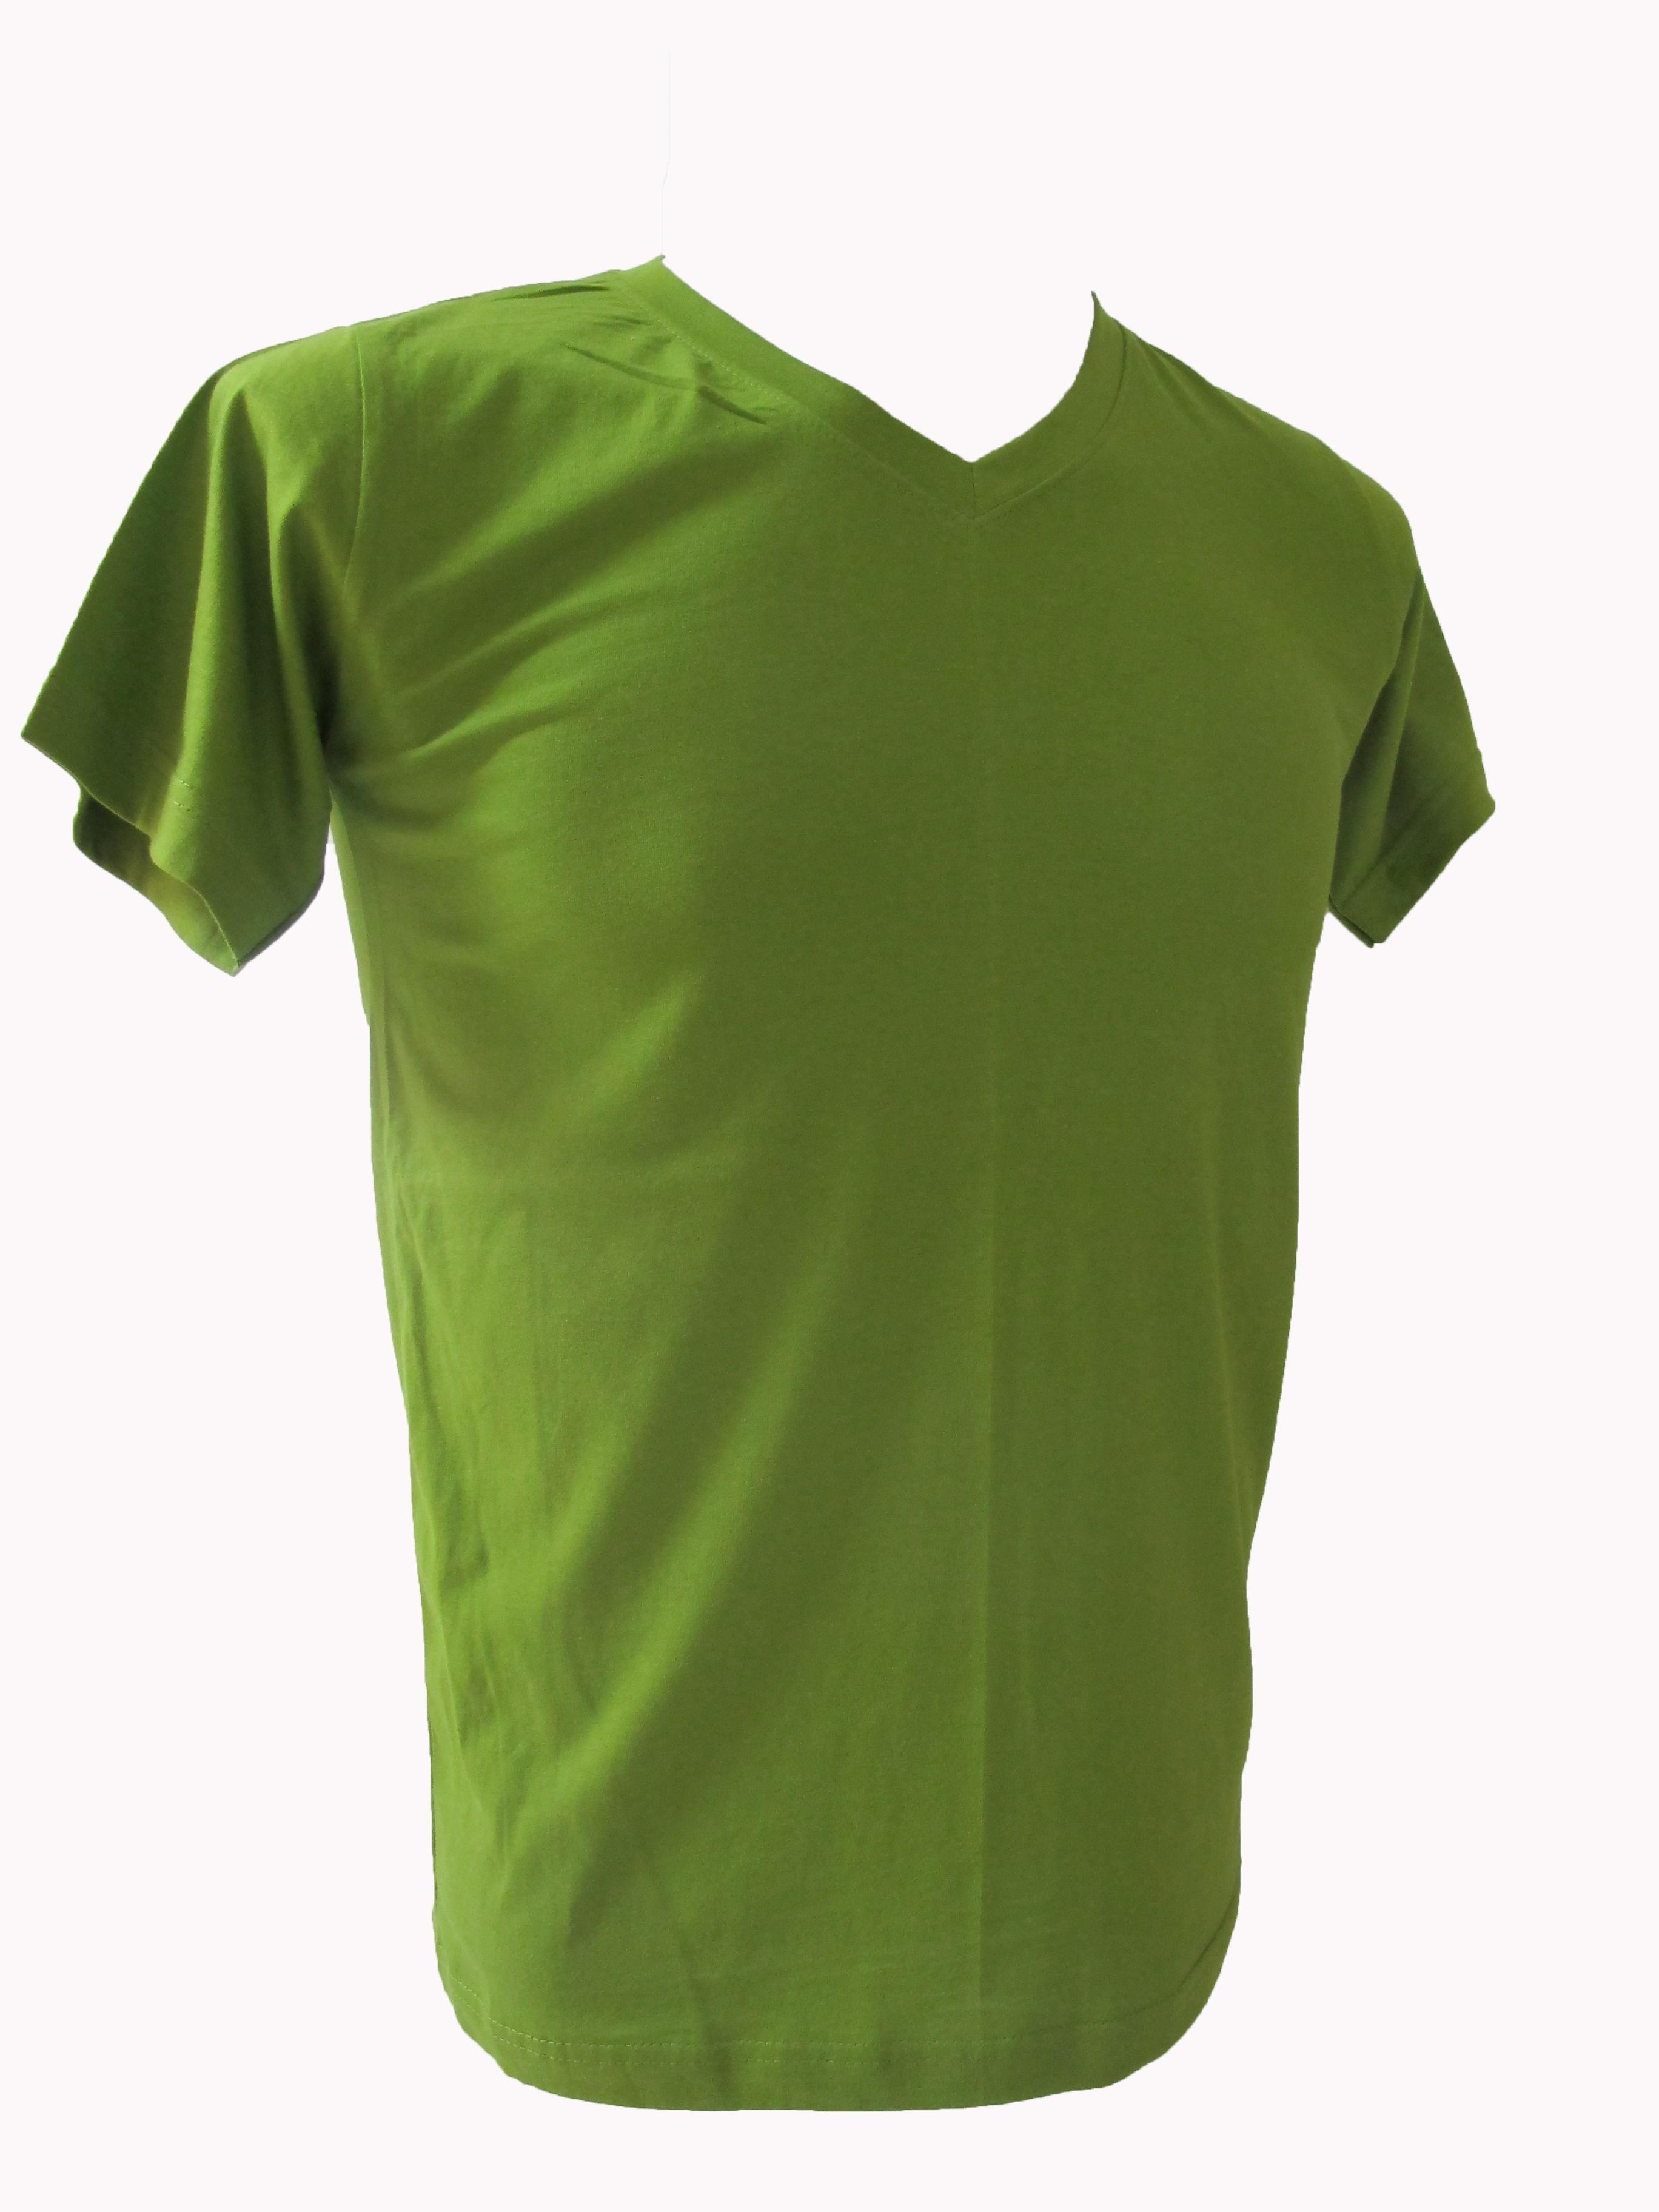 COTTON100% เบอร์32 เสื้อยืดแขนสั้น คอวี สีเขียวขี้ม้าอ่อน